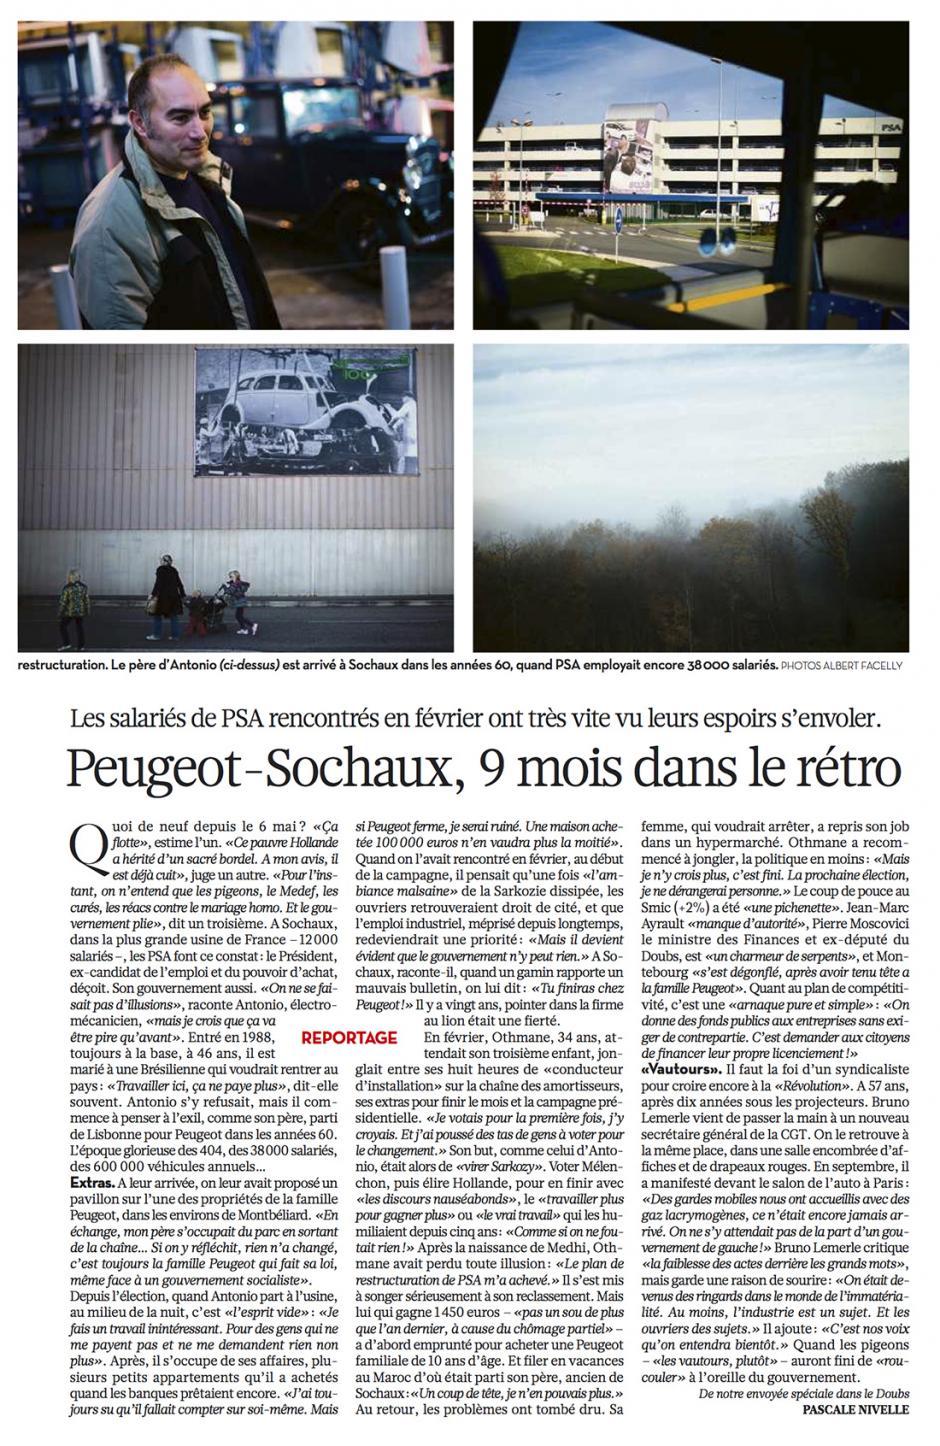 20121113-Libération-Peugeot-Sochaux, 9 mois dans le rétro